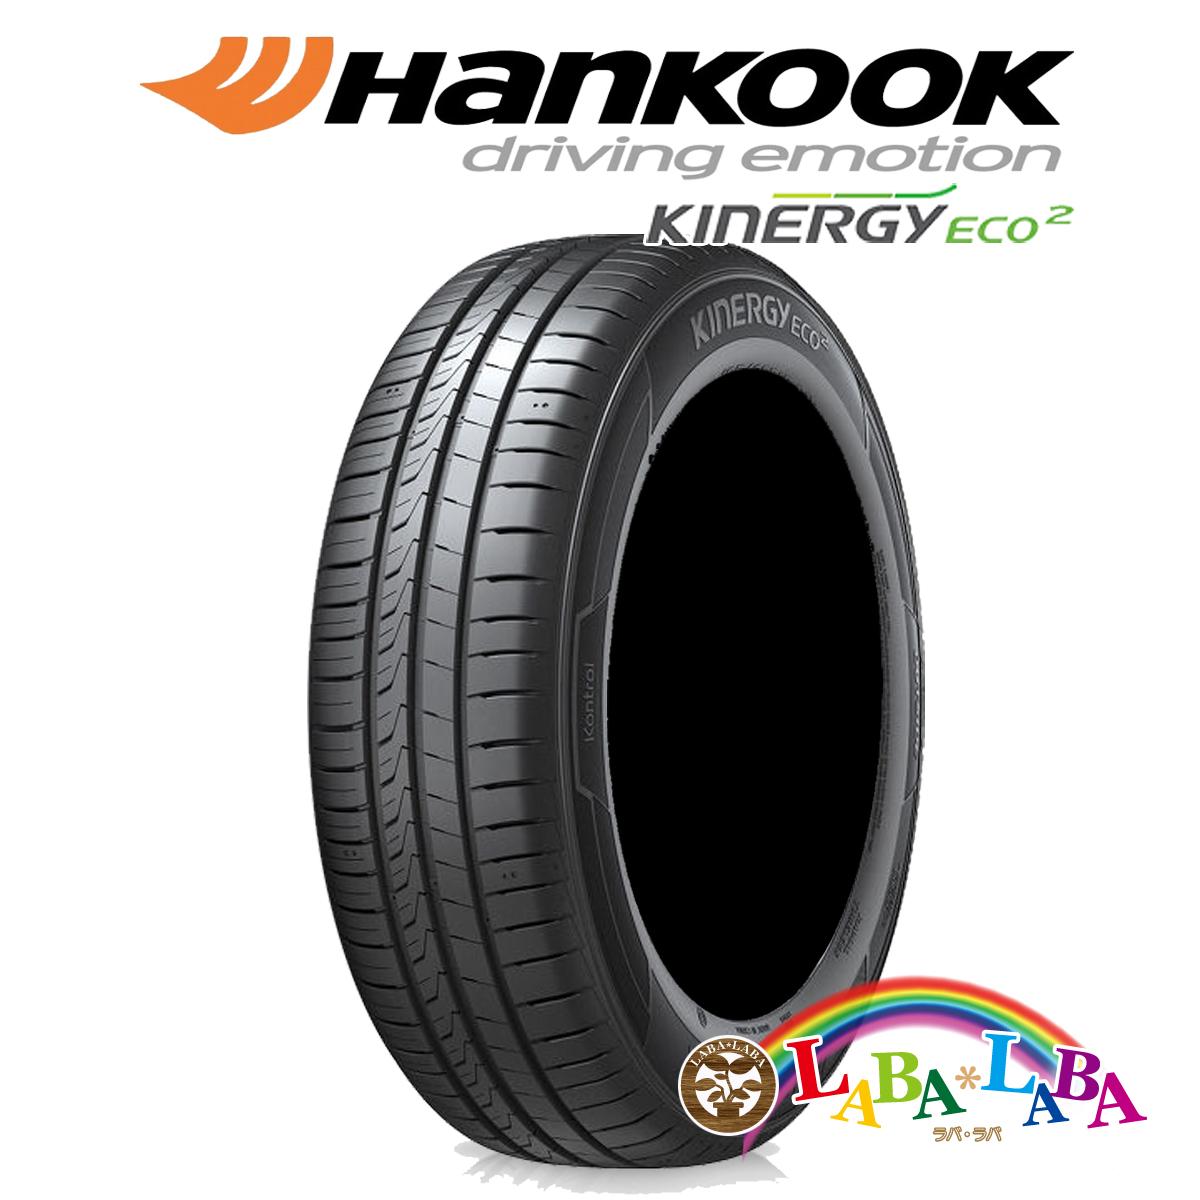 Hankook Kinergy Eco 2 K435-175//70R14 84T Sommerreifen